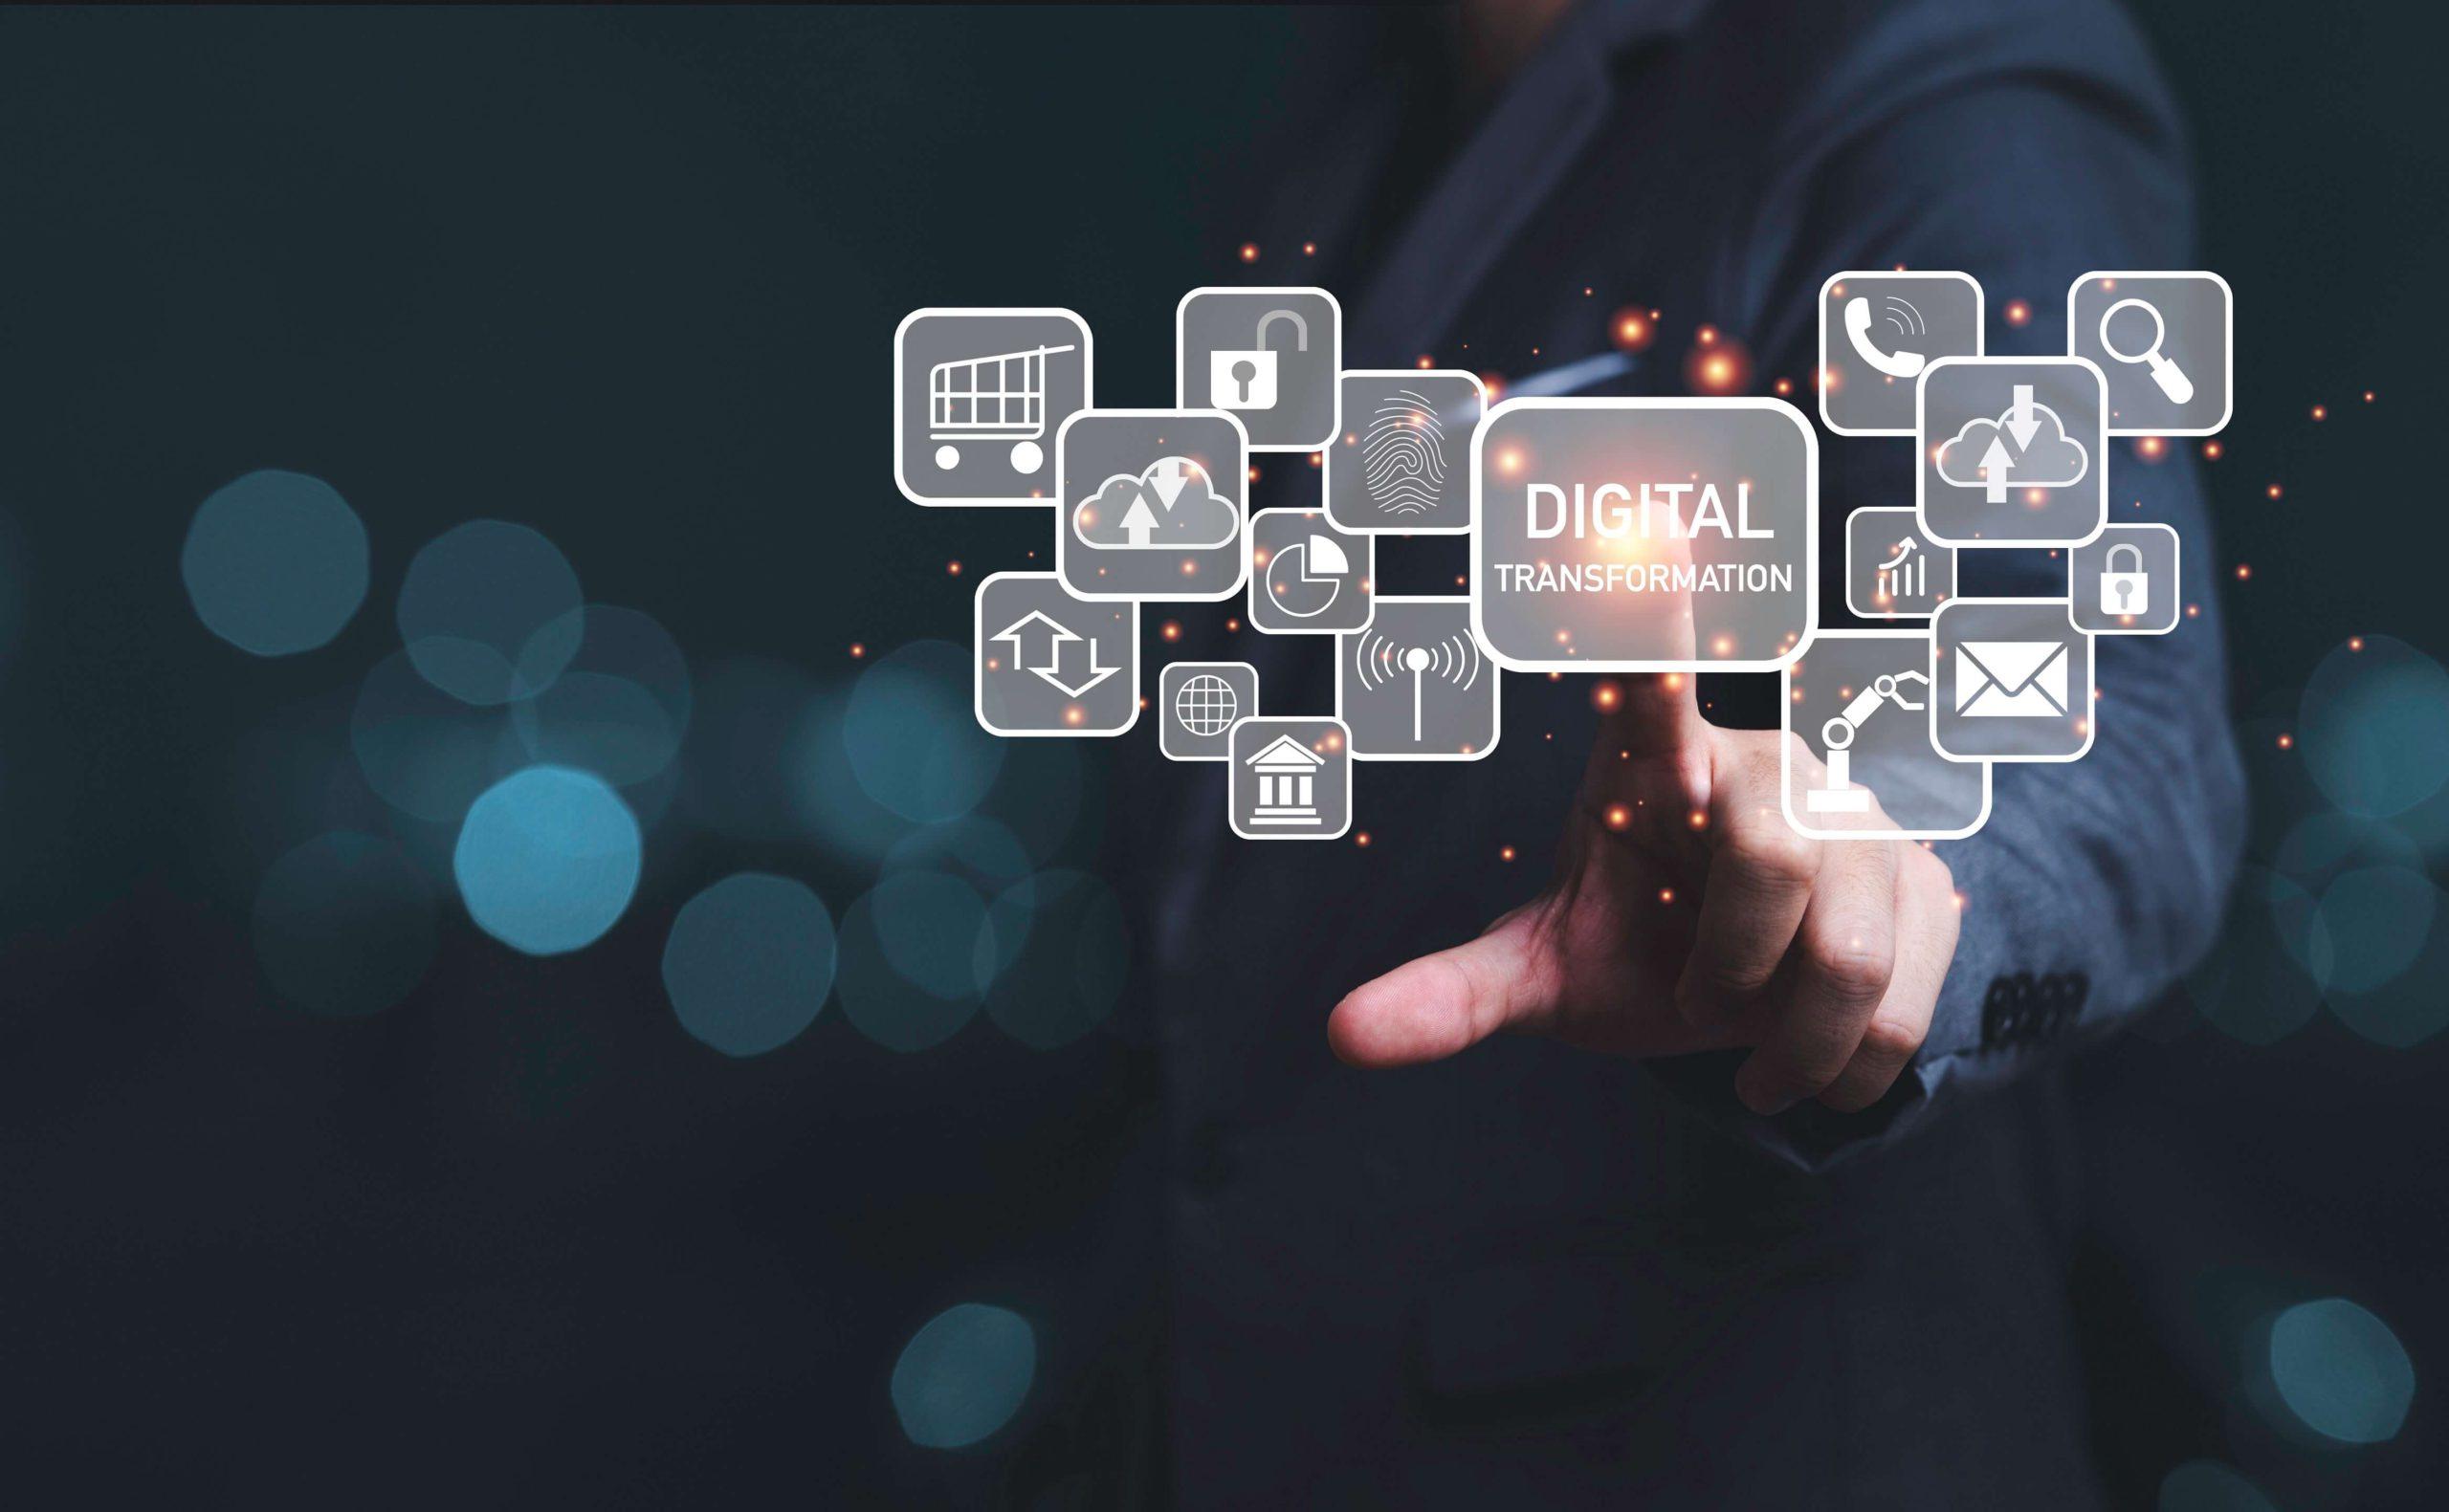 Herramientas digitales para automatizar una empresa